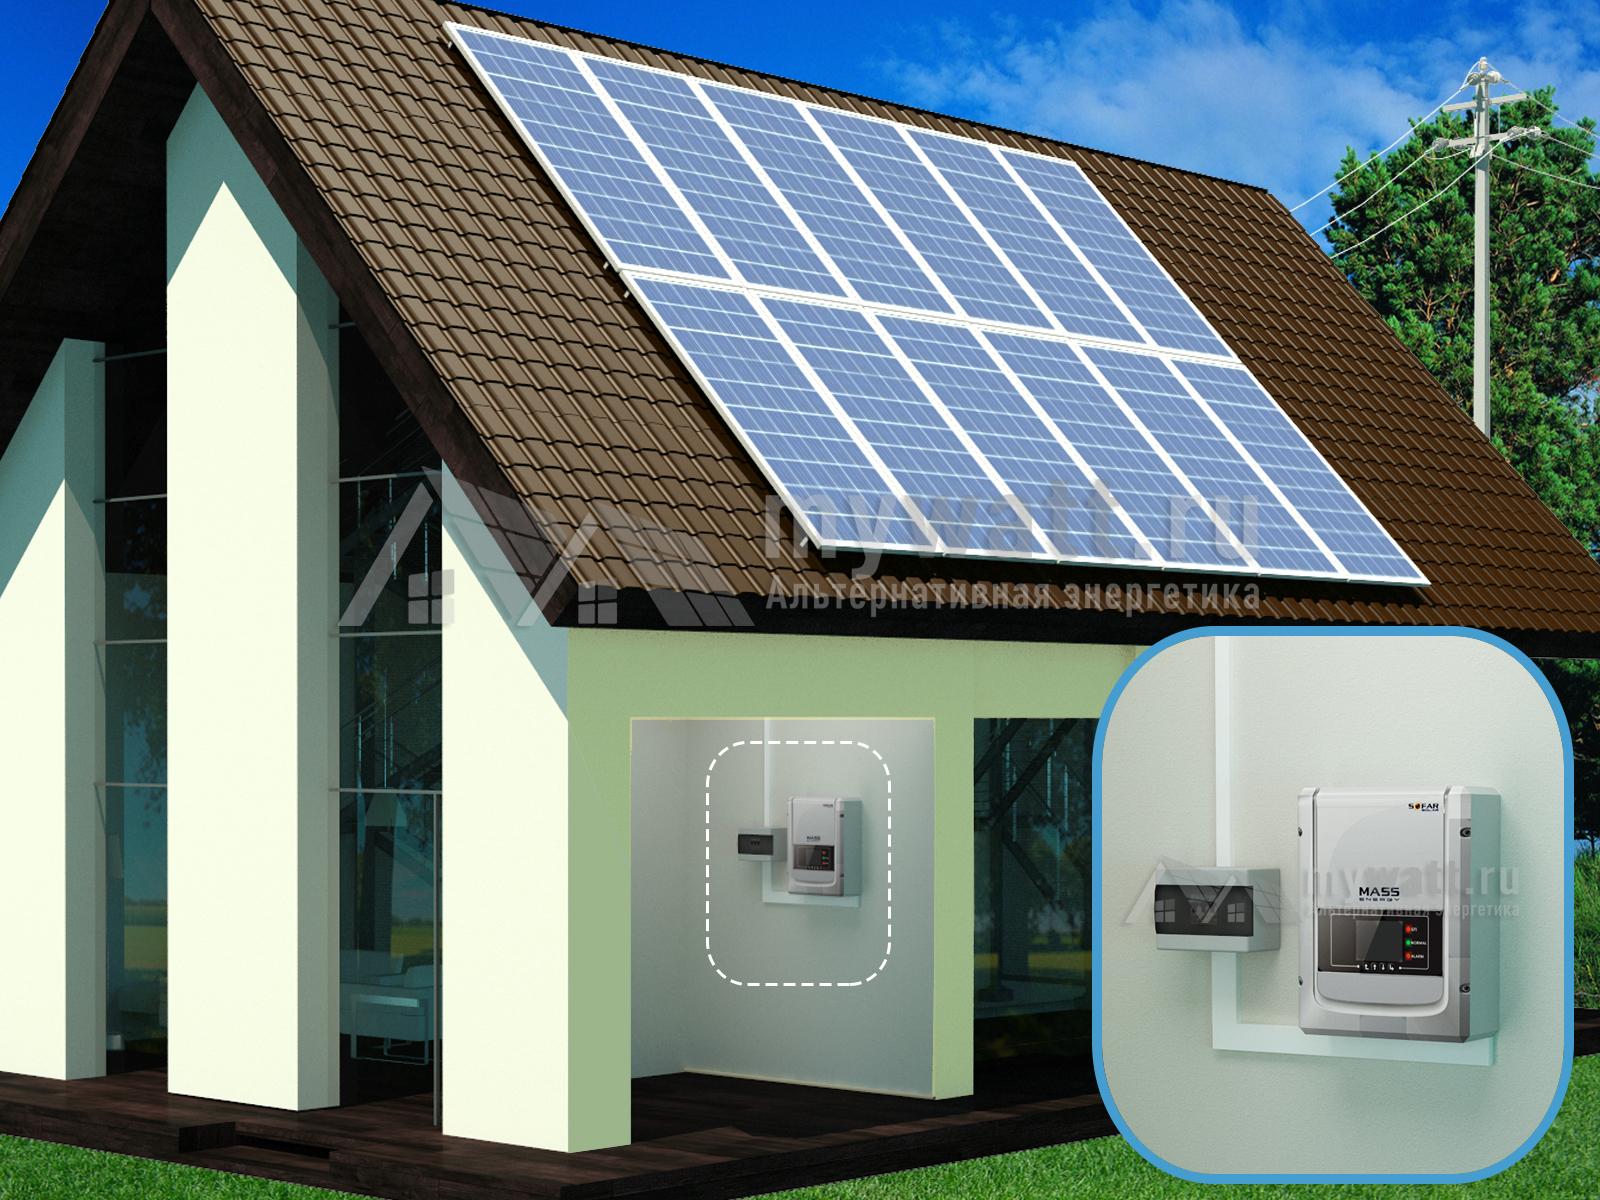 Отопление на солнечных батареях для частного дома: варианты - точка j